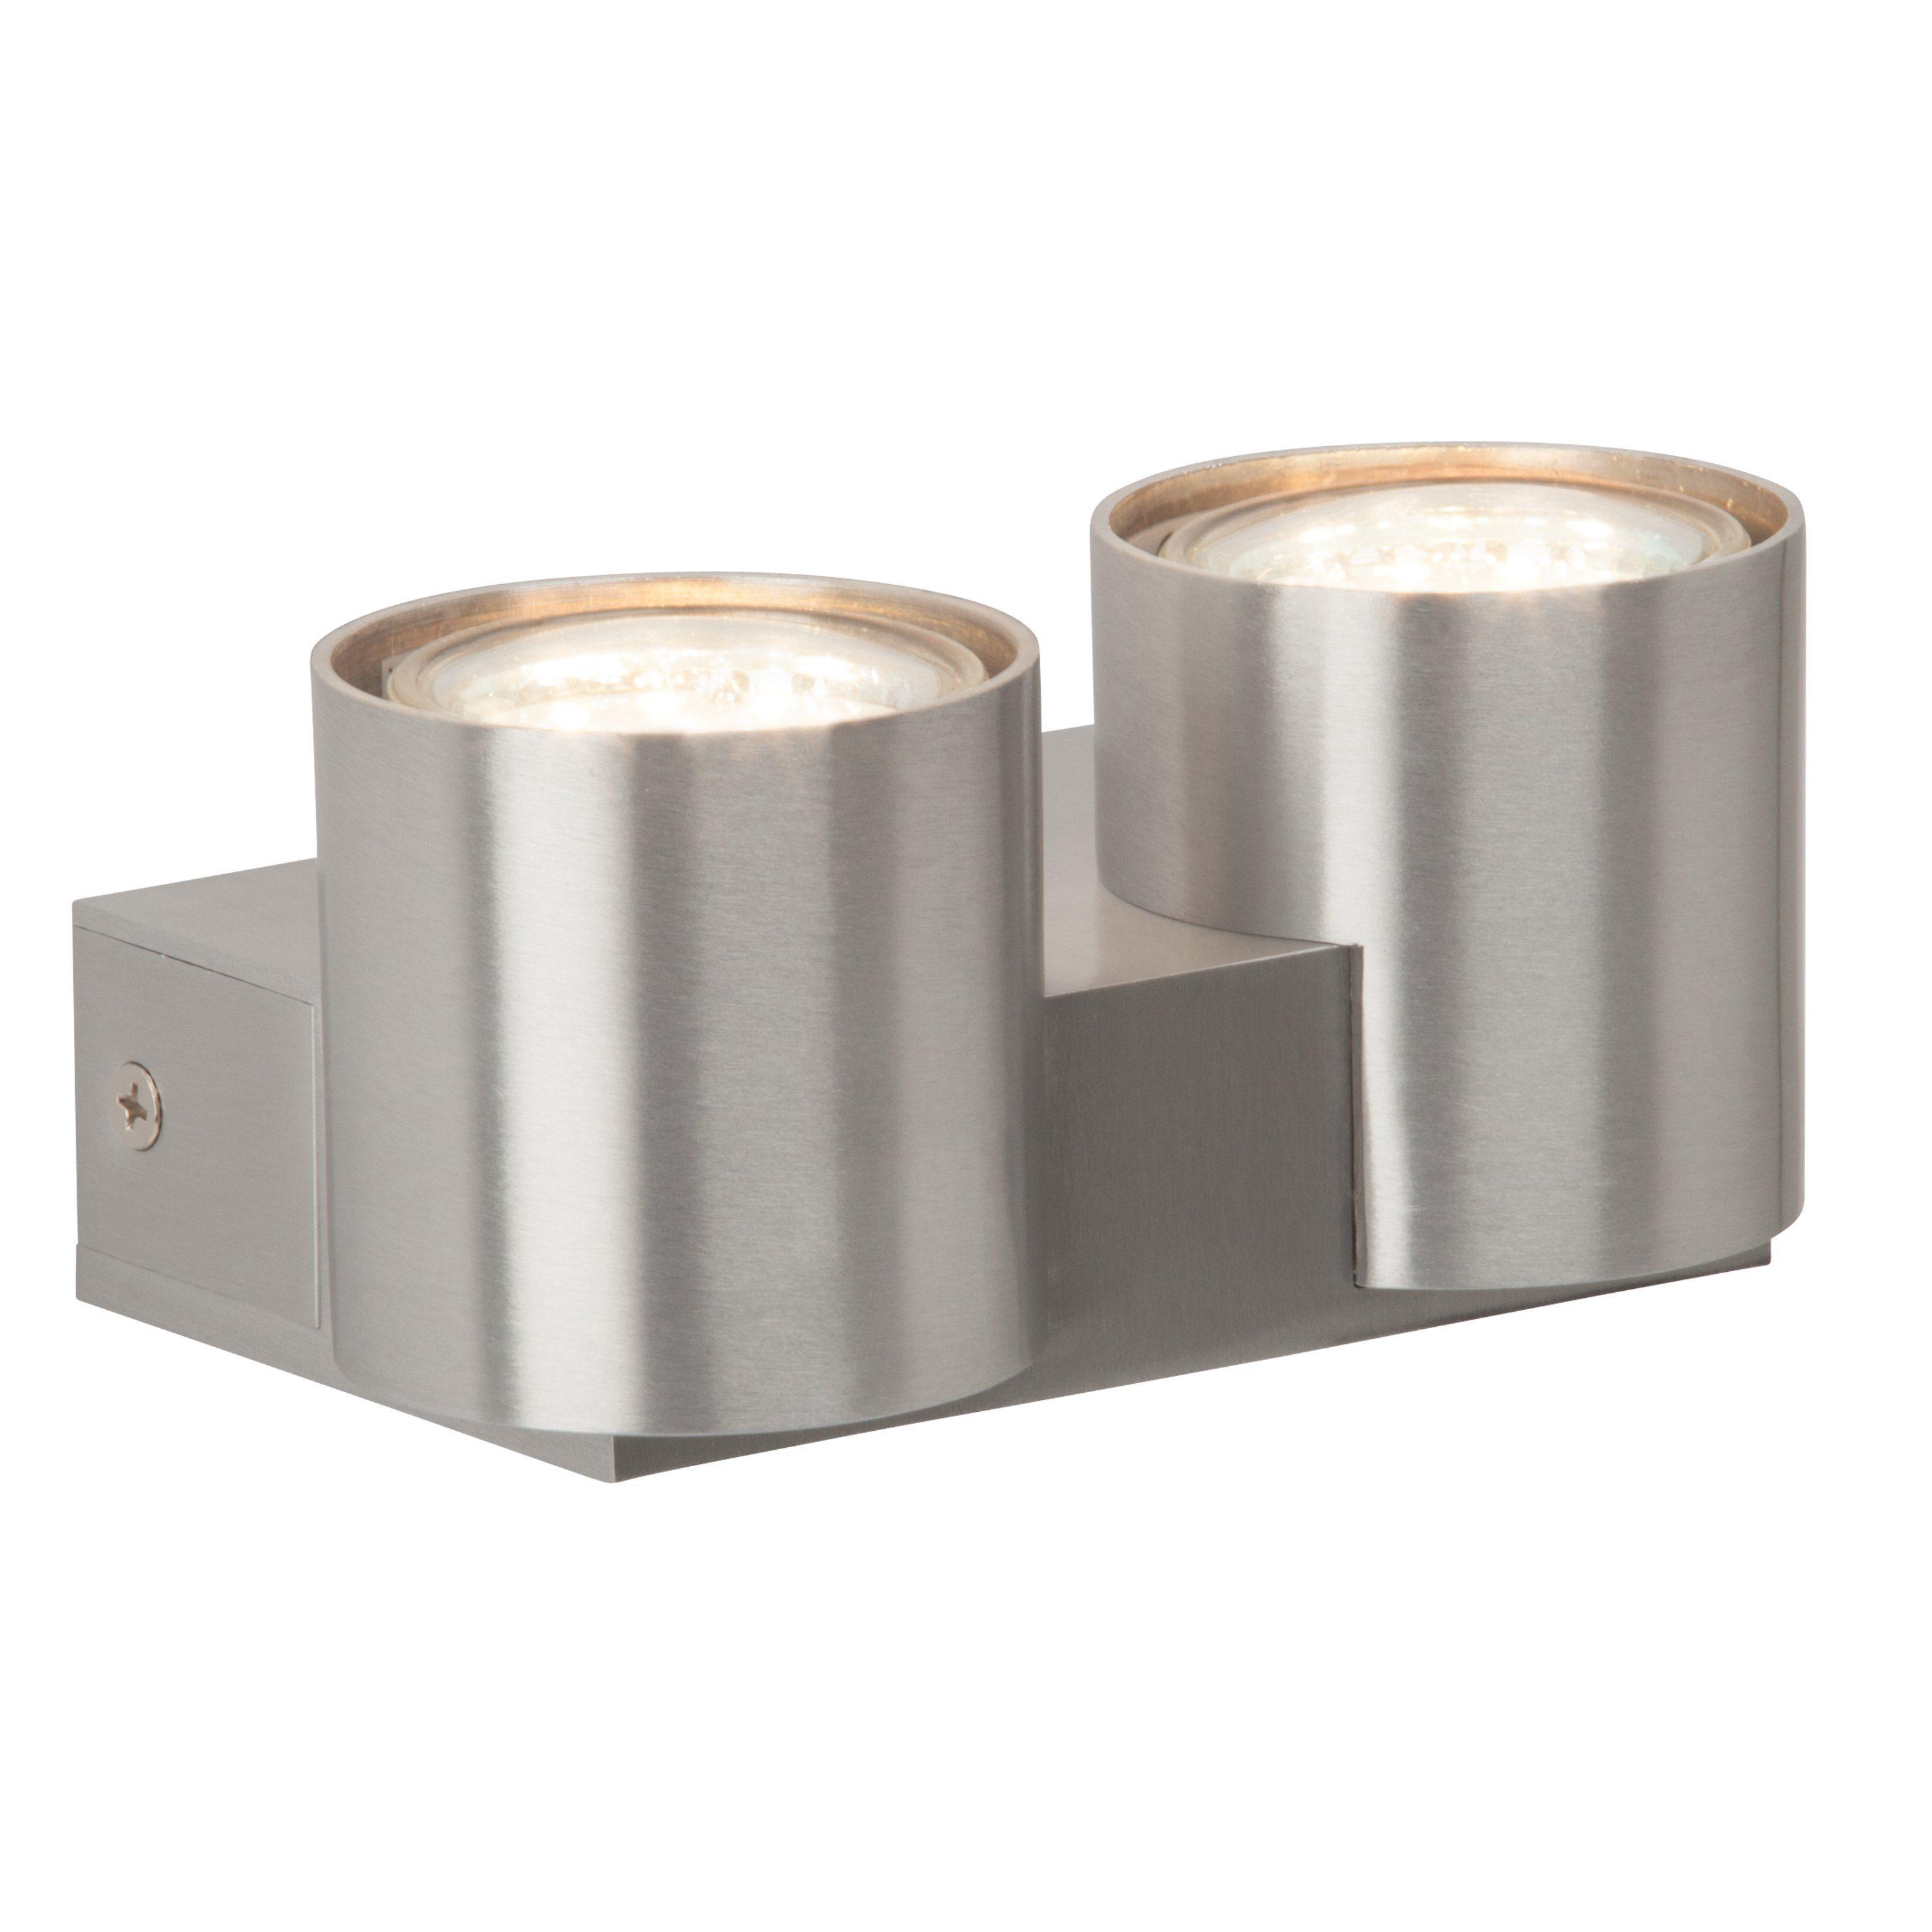 Brilliant Leuchten Izon LED Wandleuchte, 2-flammig alu